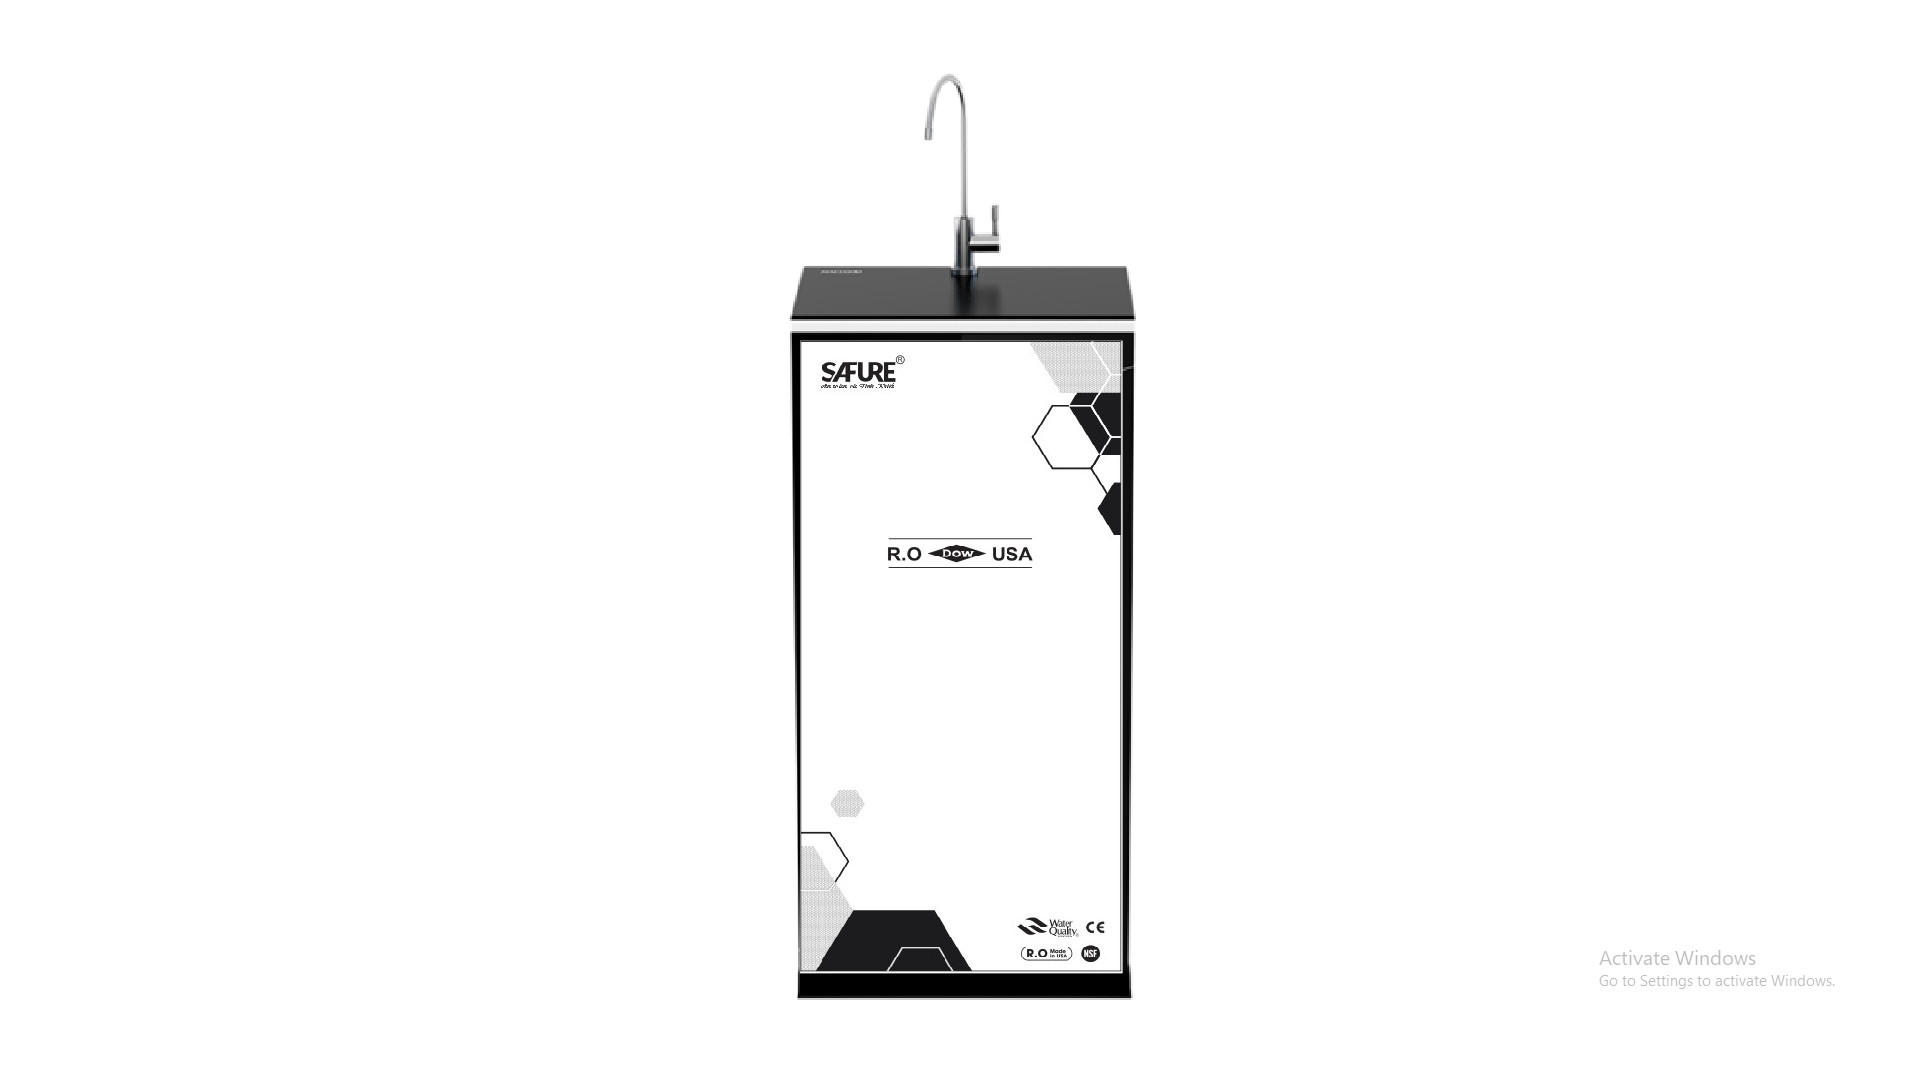 MÁY LỌC NƯỚC SAFURE THÔNG MINH   9 CẤP LỌC  VỎ TỦ 3D MODEL:IRO-SE-109 T